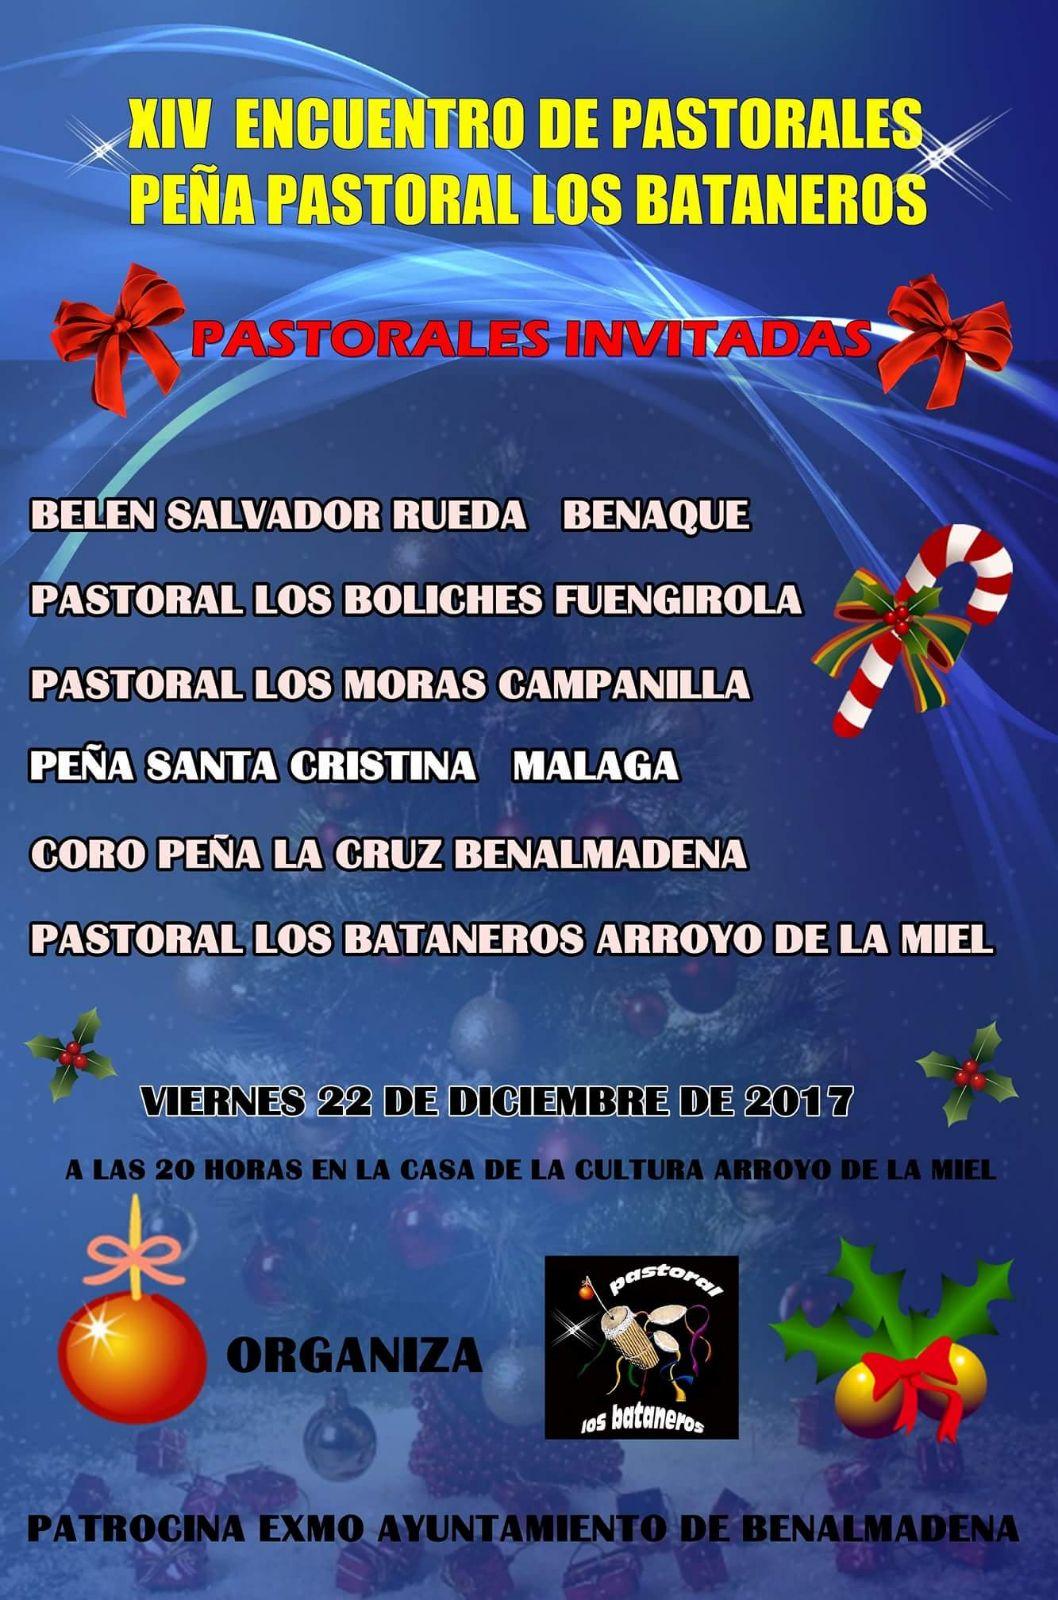 XIV Encuentro de Pastorales de la Peña pastoral 'Los Bataneros'